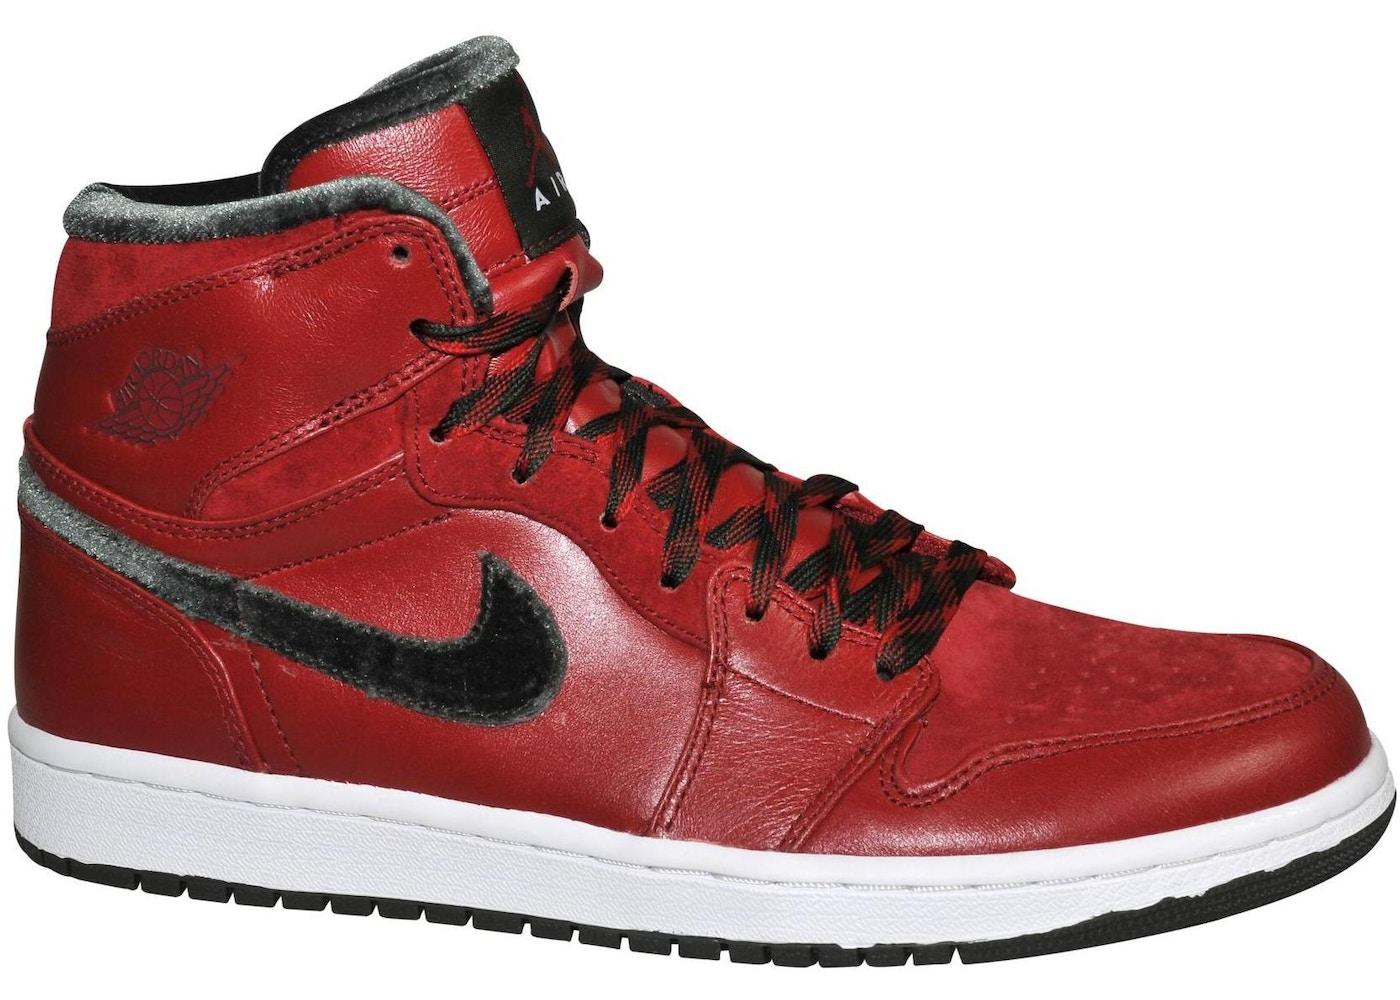 reputable site e76cd 6f770 Jordan 1 Retro Premier Red Gucci (2013)